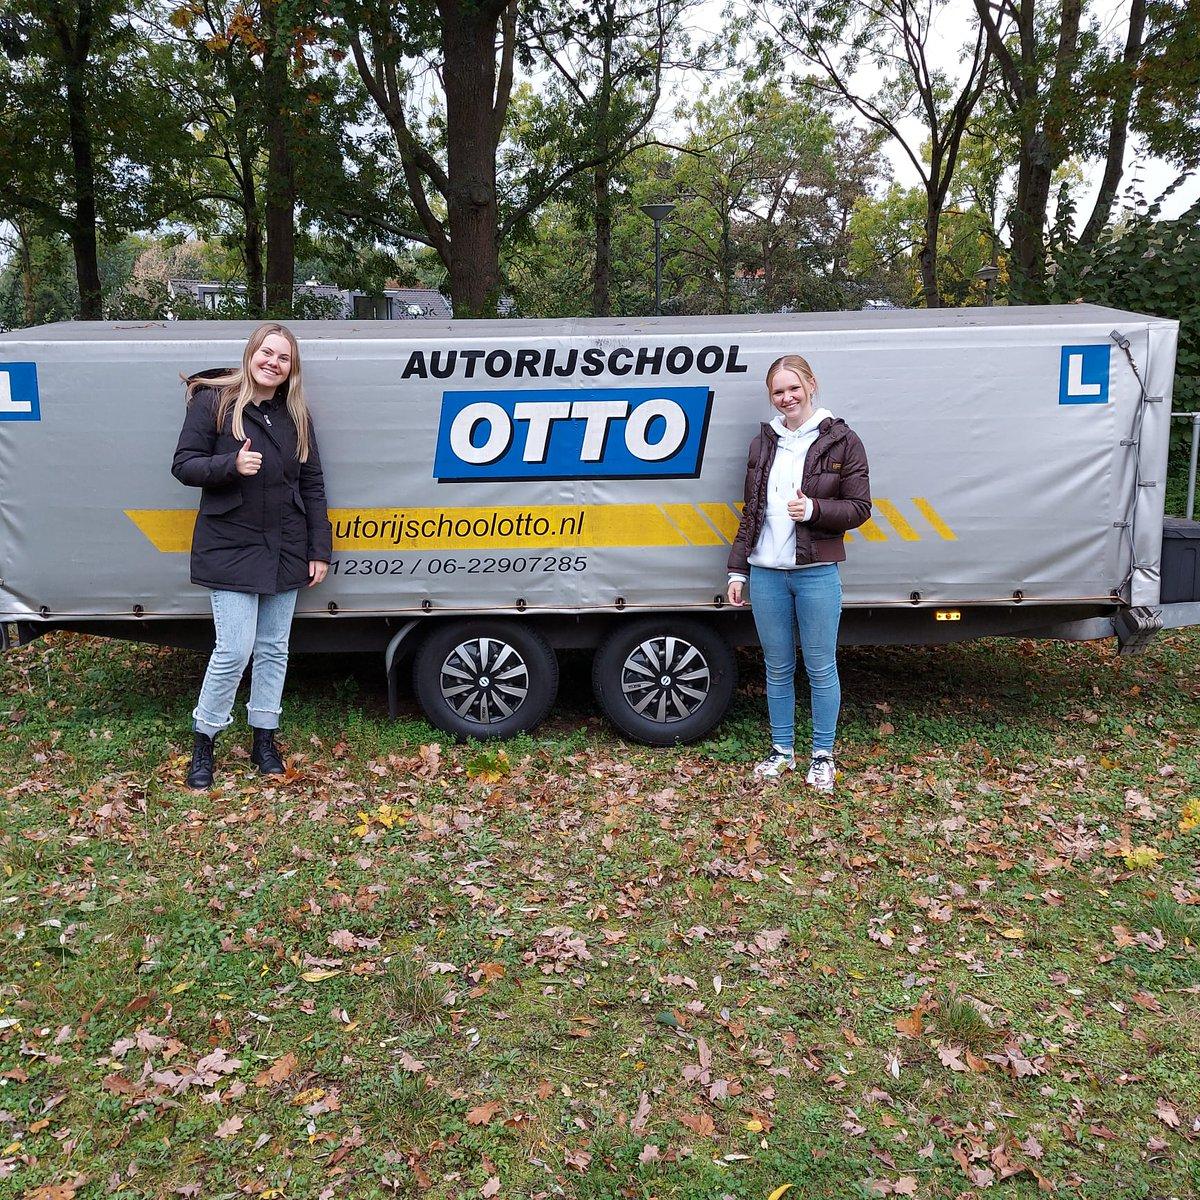 test Twitter Media - Ilsa Aten en Luna de Vries, beide in 1x geslaagd voor het scooterrijbewijs AM2. Keurig gedaan, gefeliciteerd! https://t.co/6LclZjlwVA